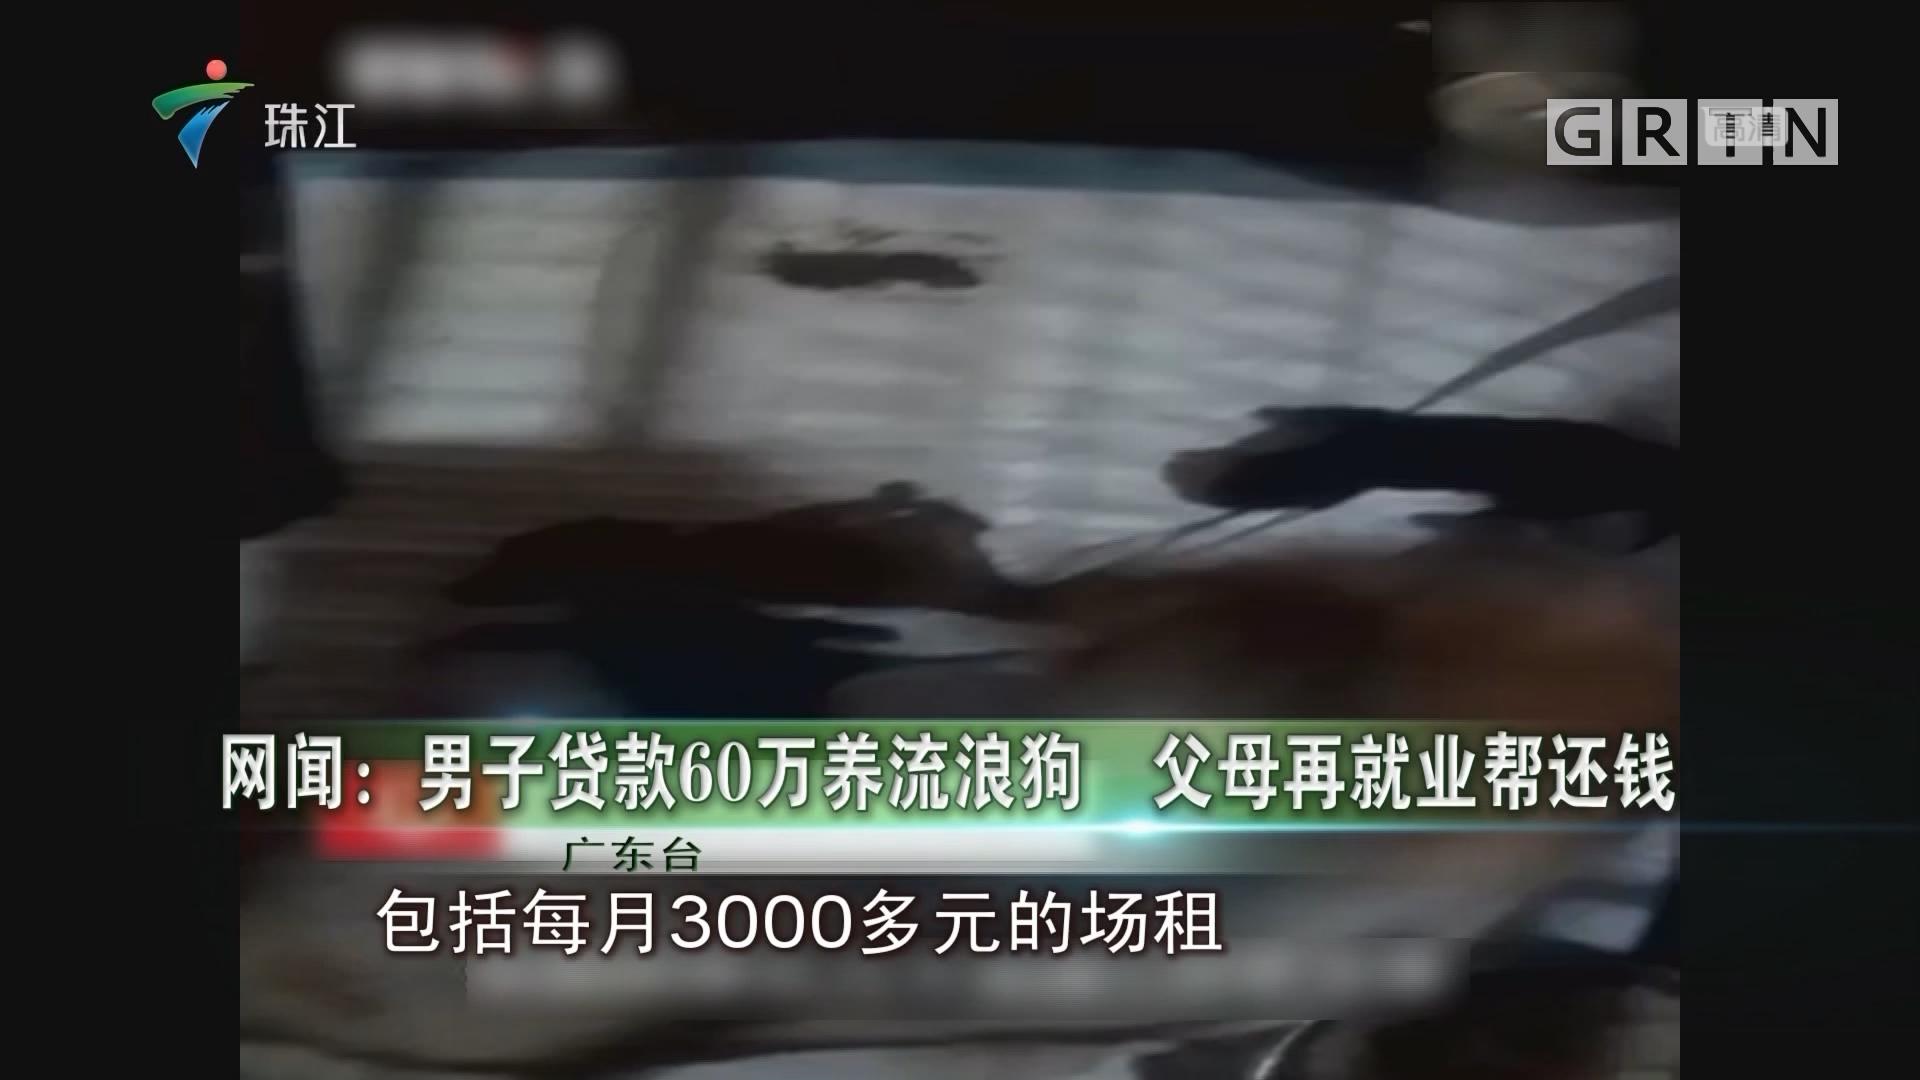 网闻:男子贷款60万养流浪狗 父母再就业帮还钱